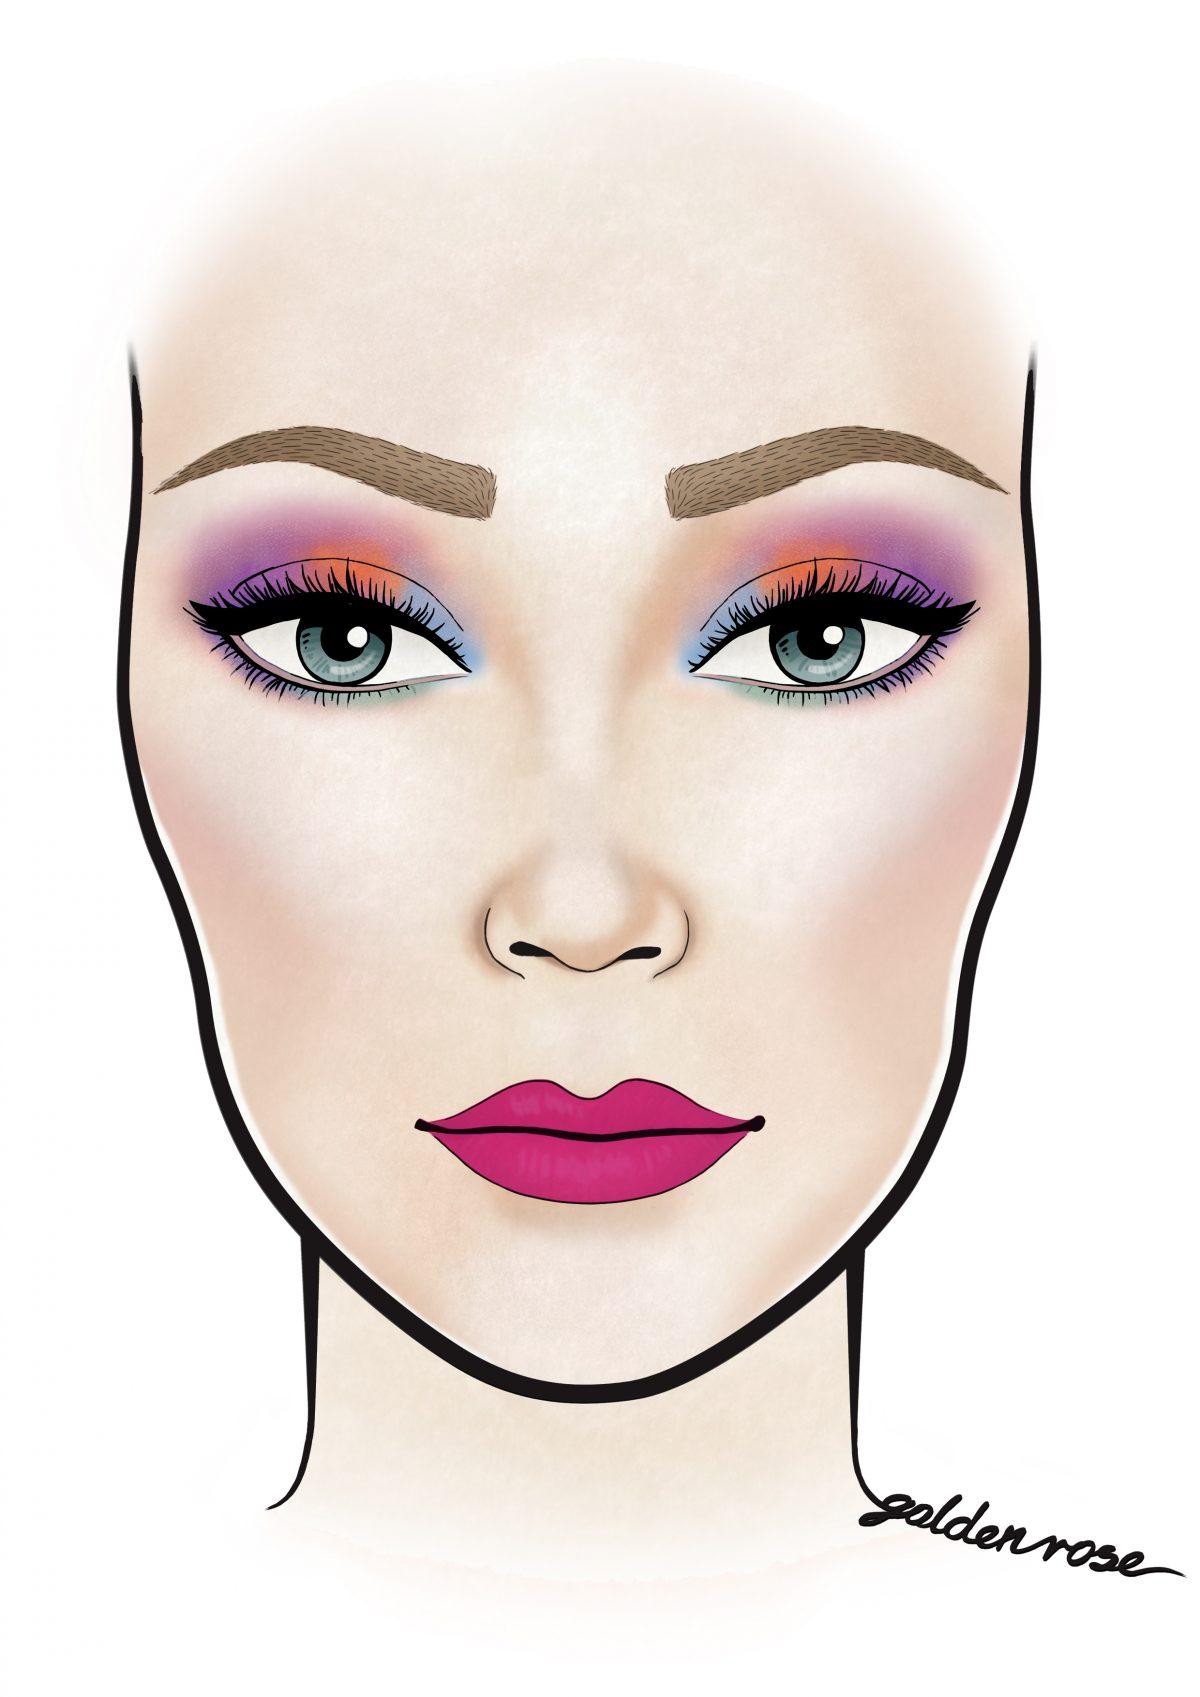 Konkurs Dziewczyna GR – prezentujemy dziś drugie zadanie makijażowe! Baw się z nami kolorami.